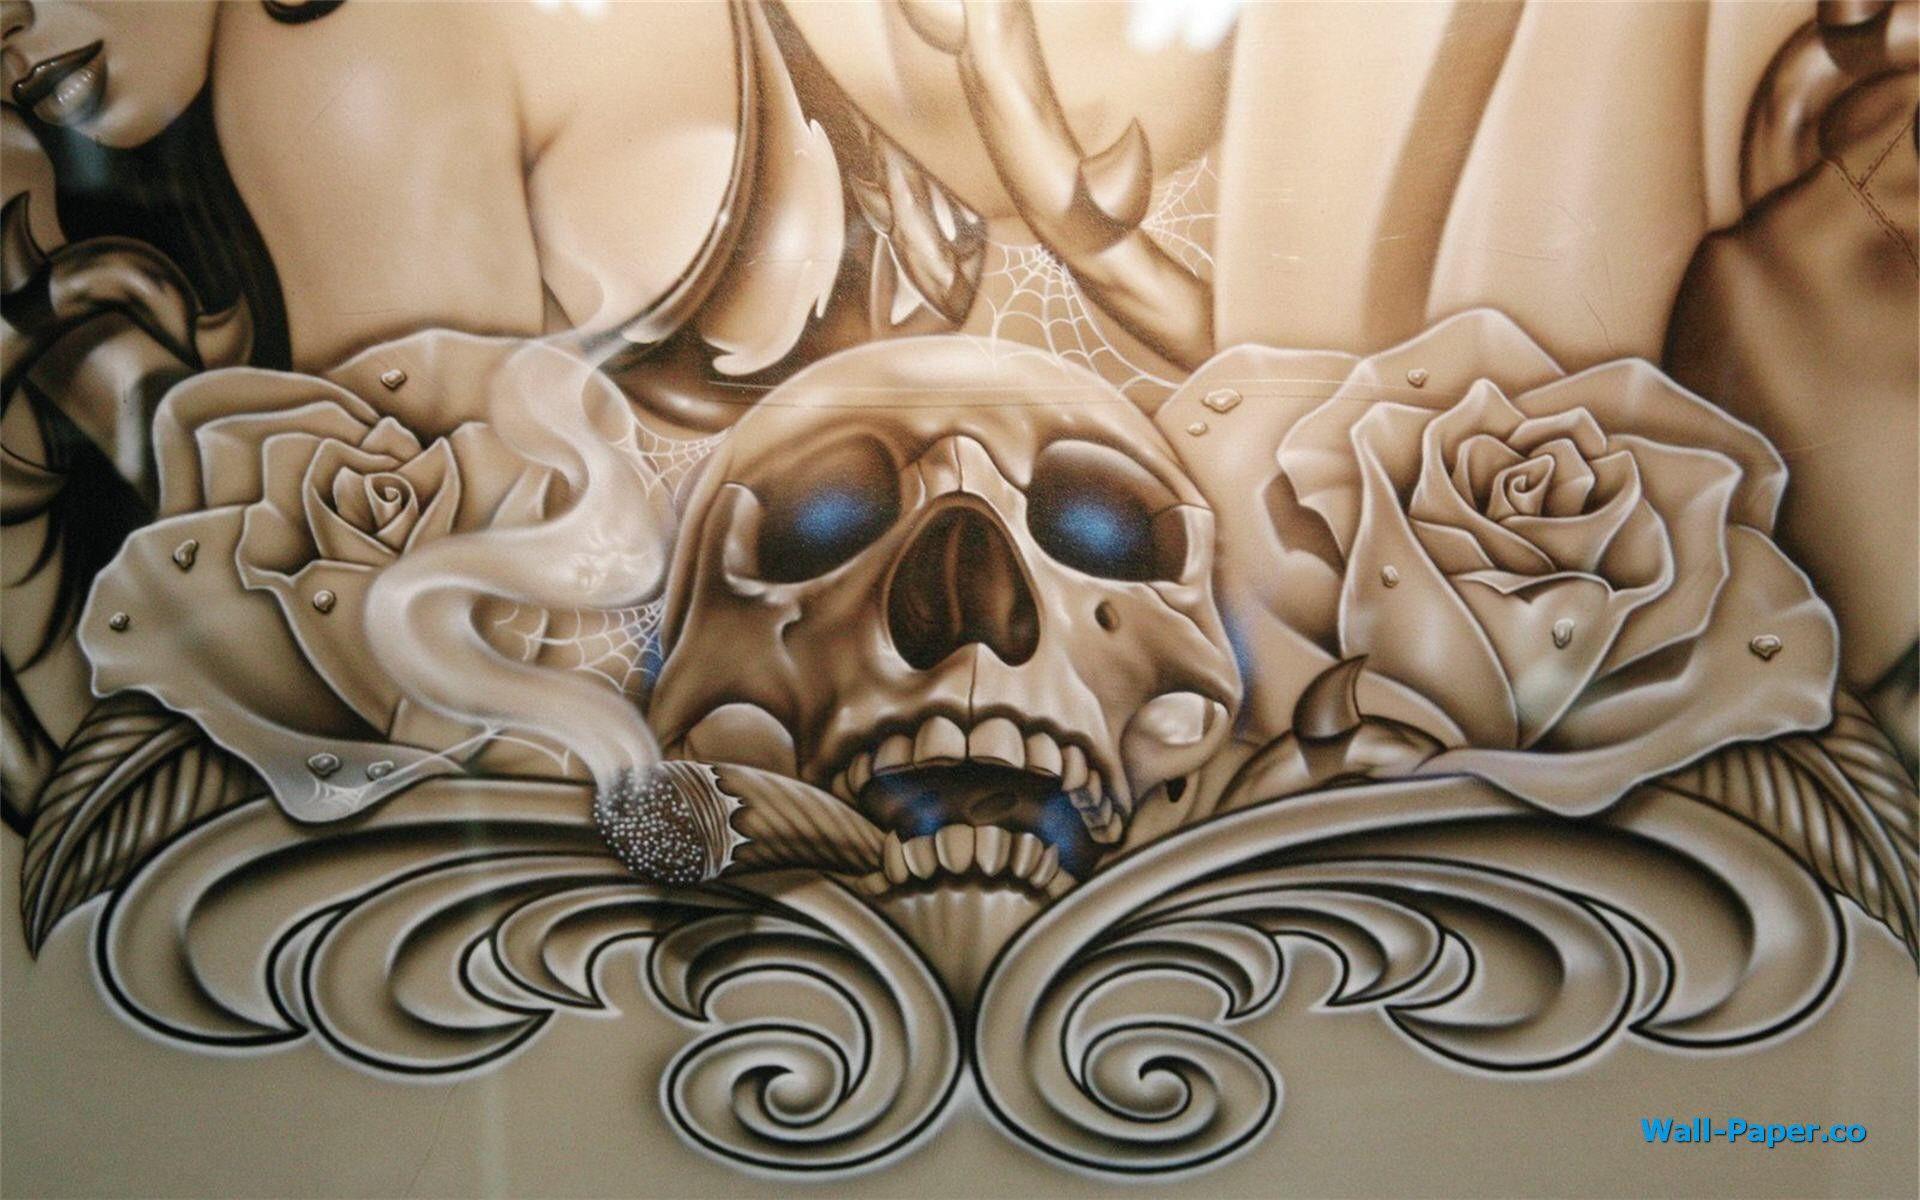 Lowrider Arte Hd Wallpaper Icewallpaperscom Page Part Tattoo Art Wallpapers Wallpaper Hd Free Download For Walls Tumblr Andro Airbrush Skull Skull Lowrider Art